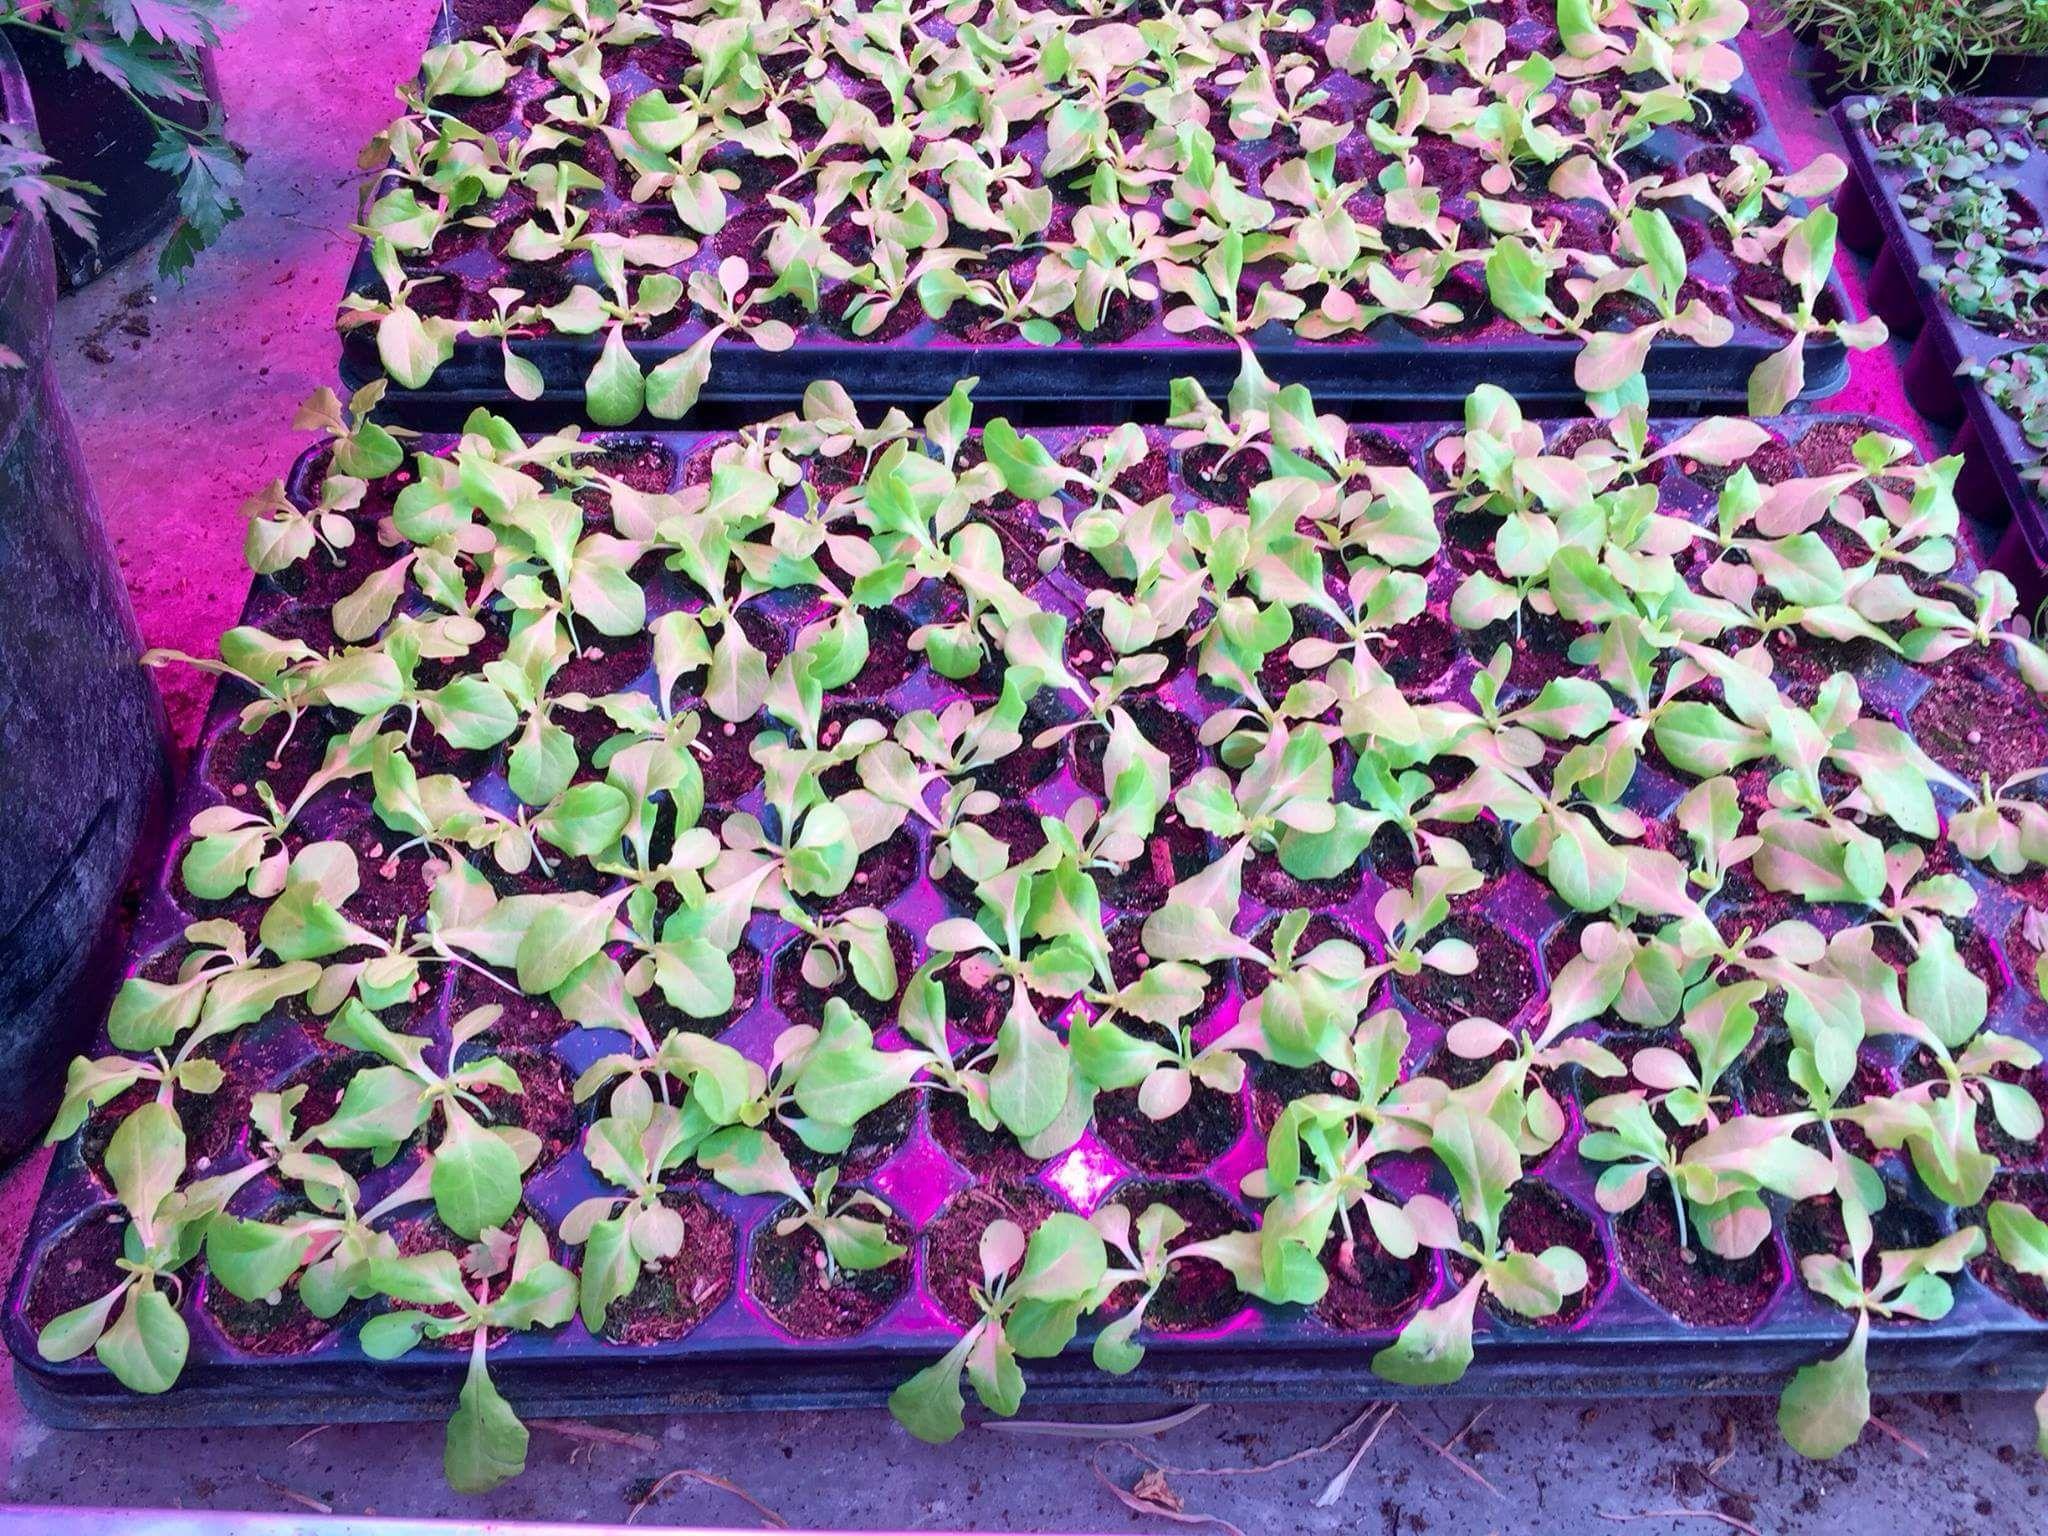 Salad Salat Led Pflanzen Lampe Licht Beleuchtung Gartenbau Gemusebau Gartnerei Horticulture Gre Pflanzenlampe Led Pflanzenlampe Pflanzenbeleuchtung